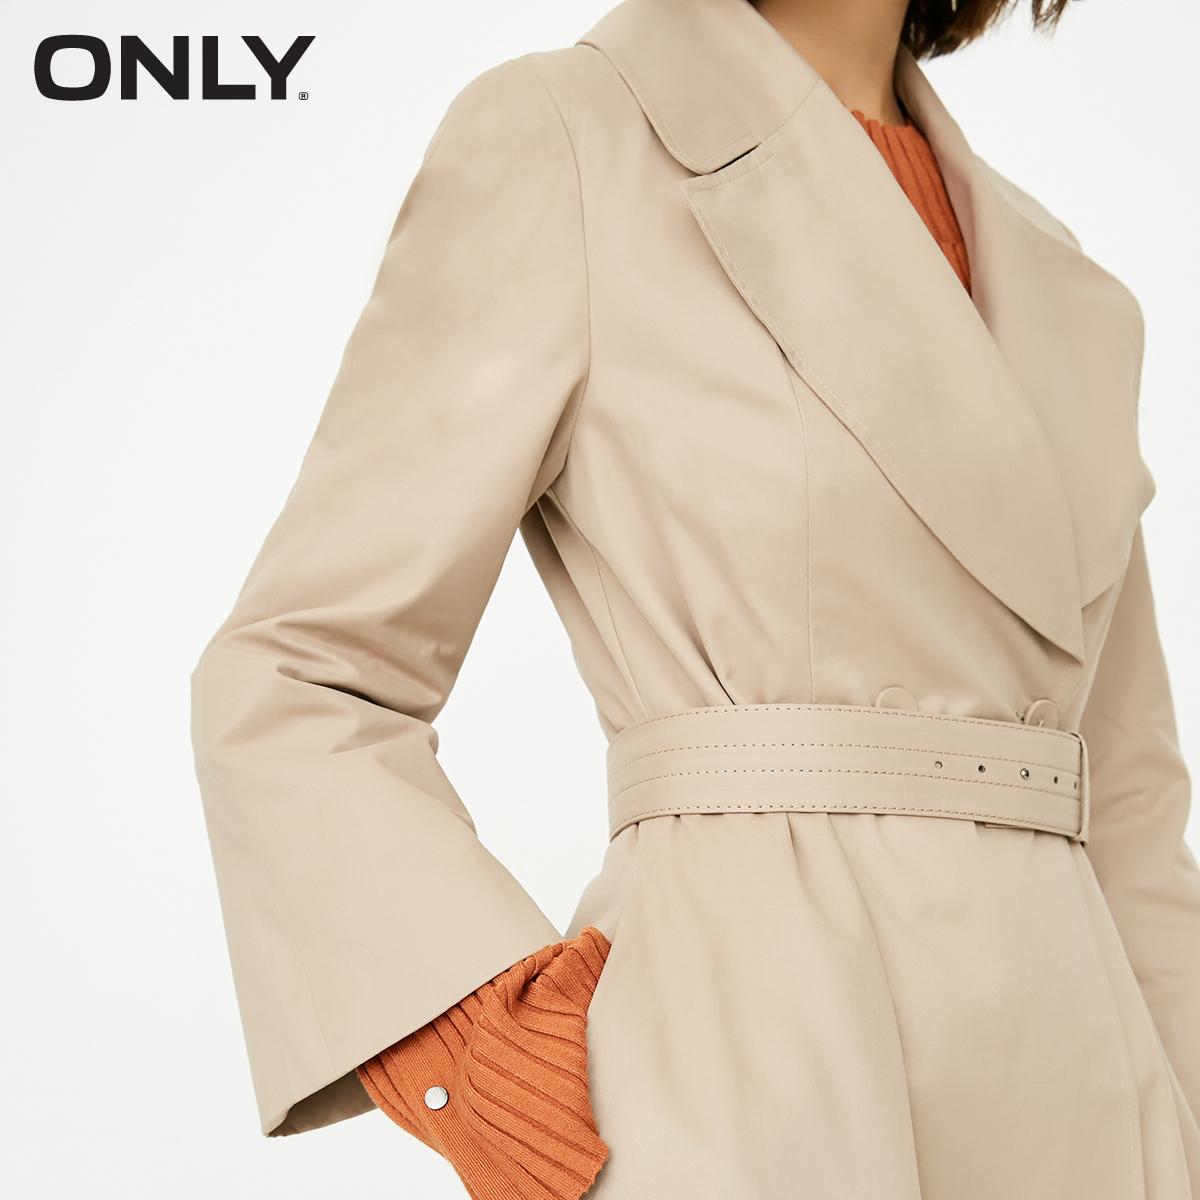 ONLY冬季新款修身高腰风衣外套中长款女|117336557